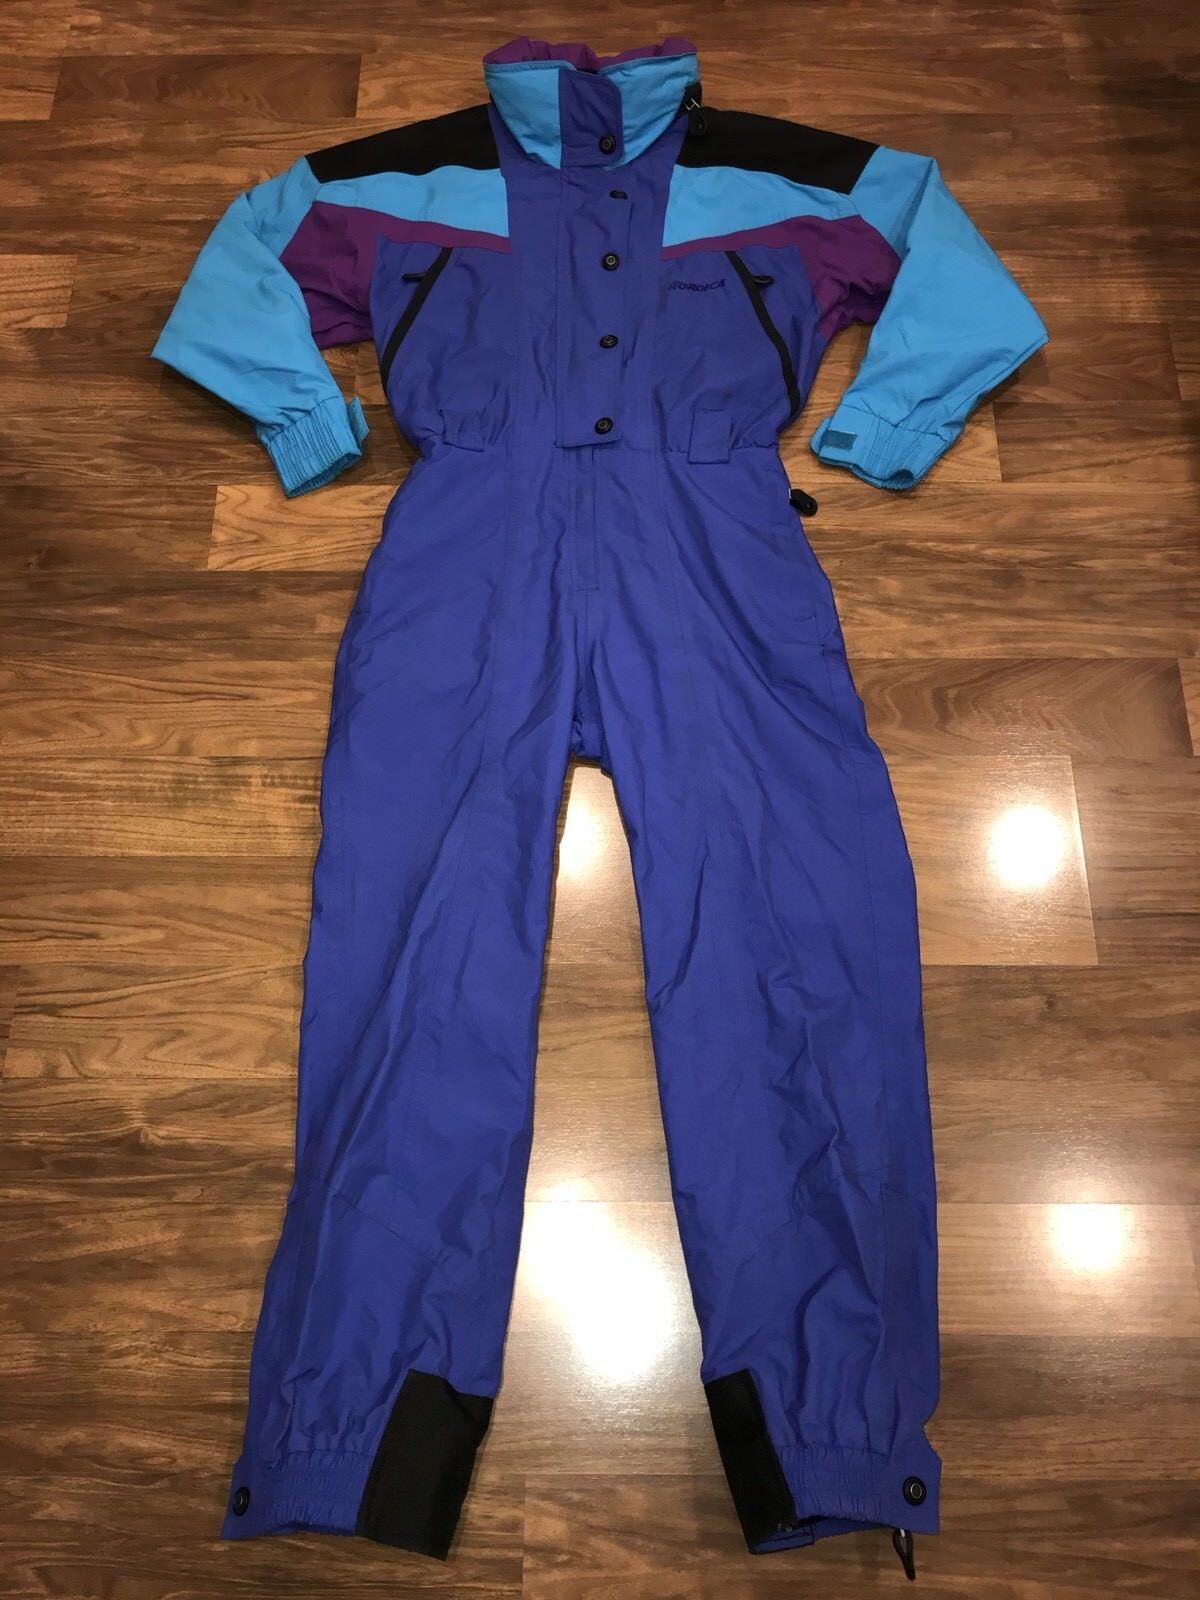 Vtg 80s 90s  NORDICA Womens MEDIUM One piece SKI SUIT Snow Bib neon Snowsuit 8  cheap sale outlet online